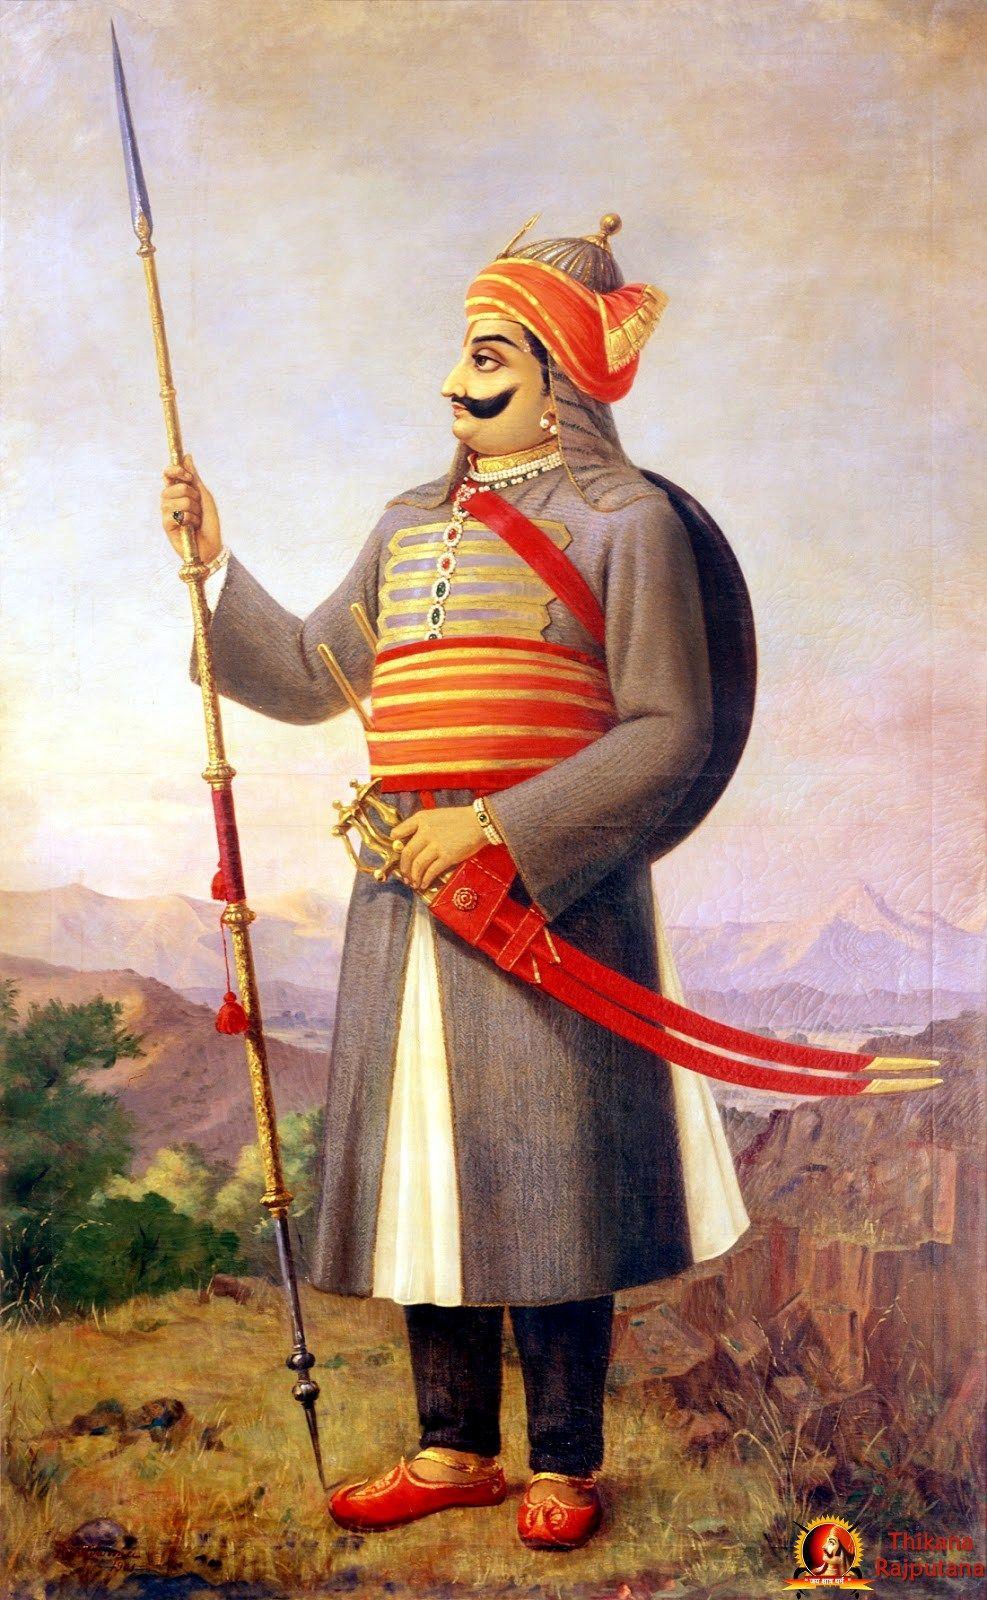 maharana pratap the great warrior Indian history, Indian